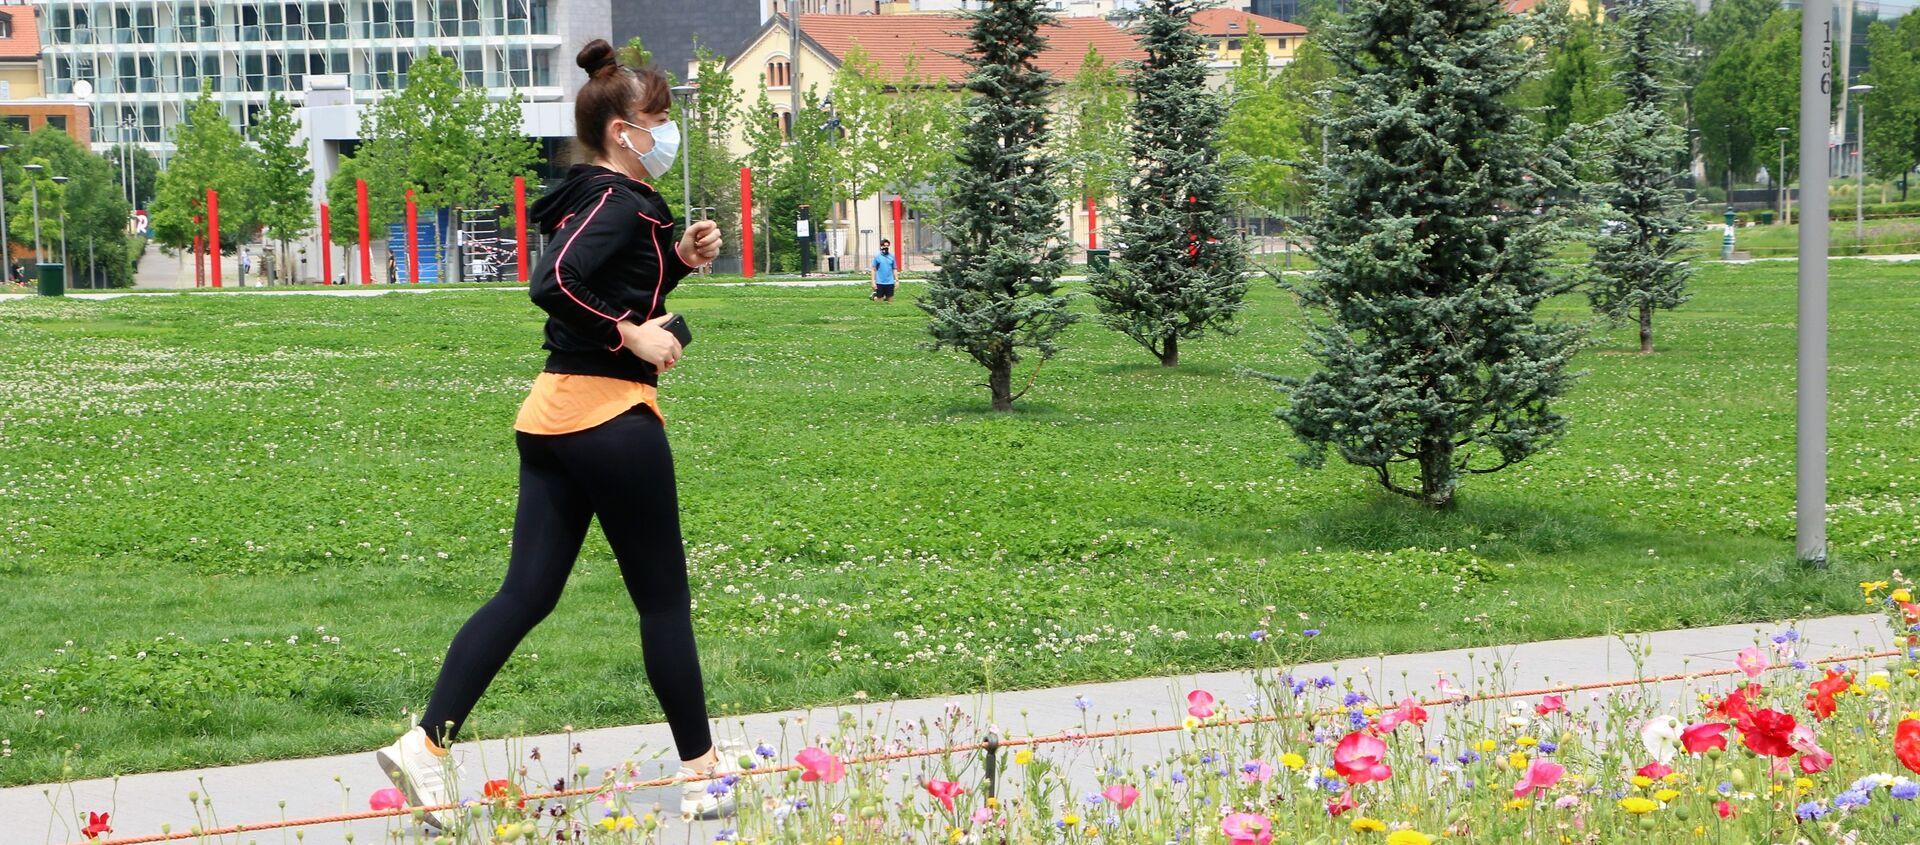 Una ragazza fa jogging in un parco di Milano dopo l'inizio della Fase 2 - Sputnik Italia, 1920, 07.06.2020